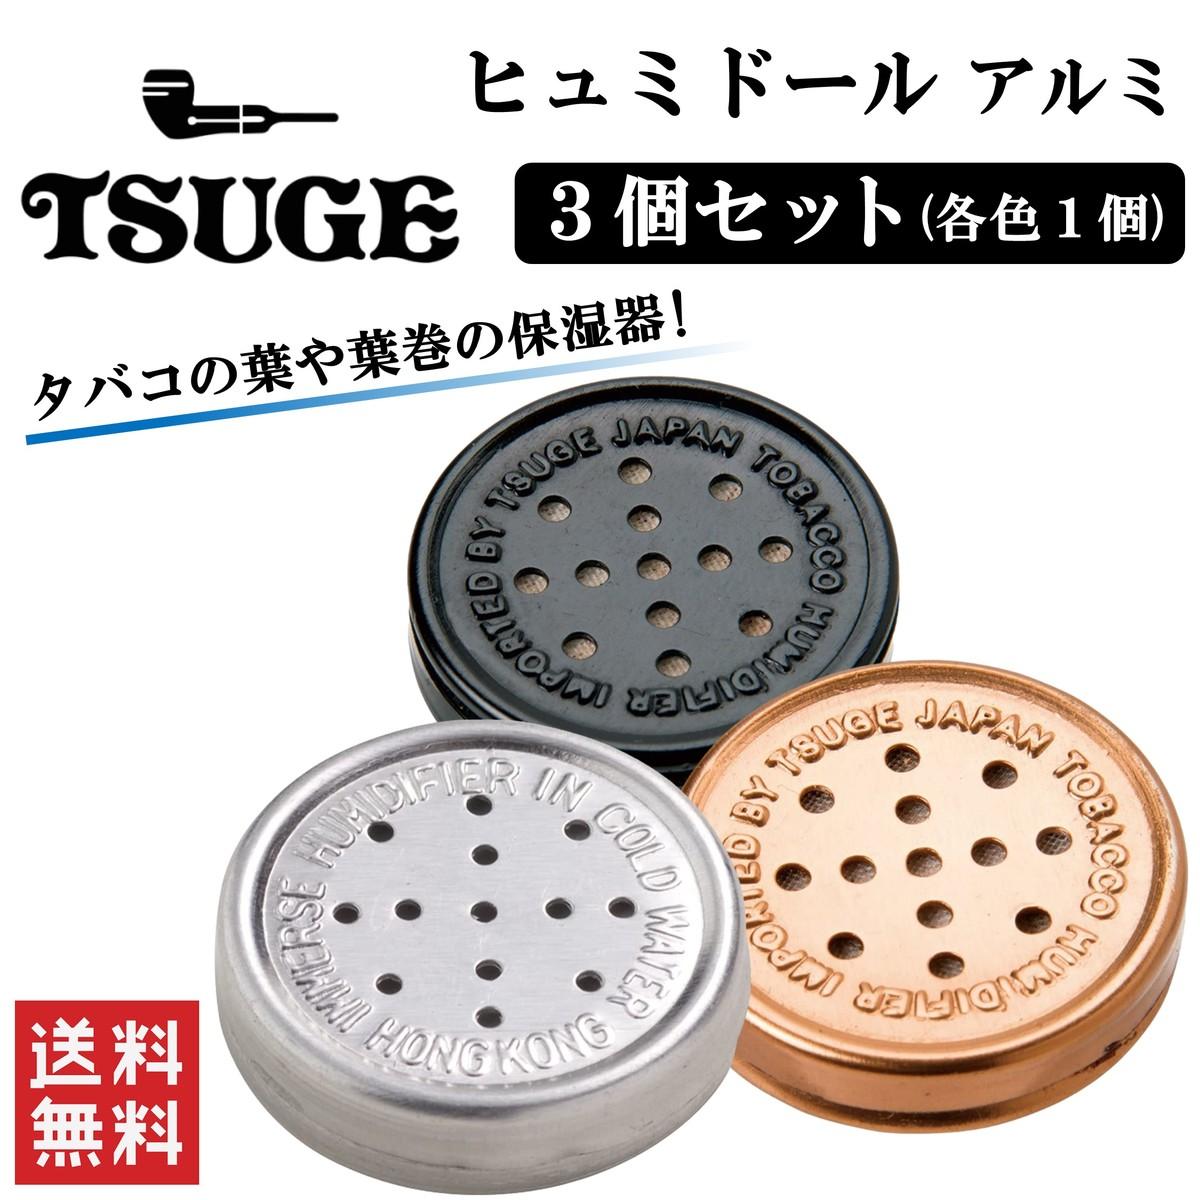 送料無料 値引き 柘製作所 tsuge ヒュミドール アルミ 3個セット #77610 保湿器 たばこ 永遠の定番 葉巻 喫煙具 煙草 加湿器 シャグ